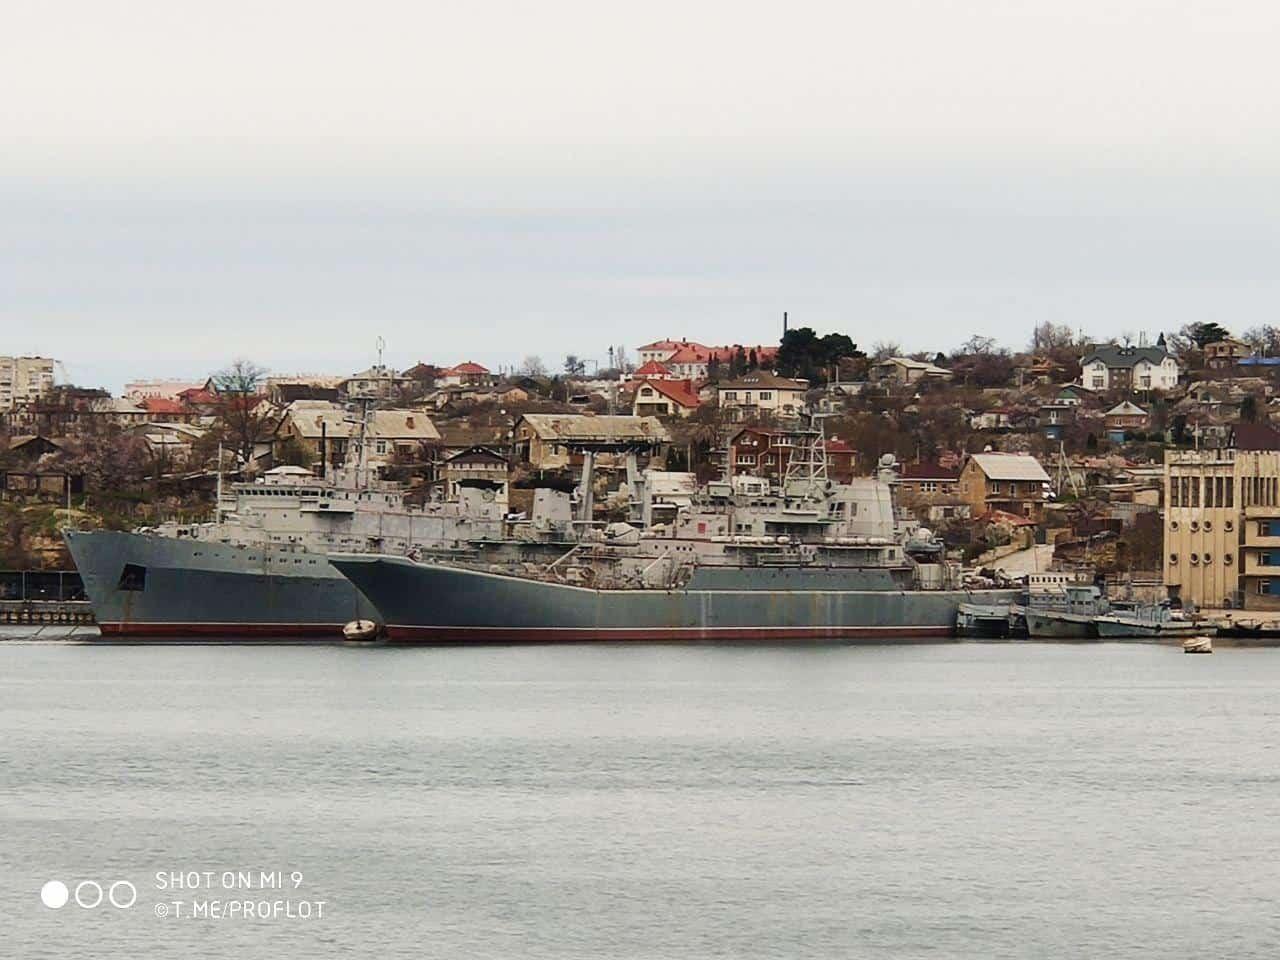 Захоплені Росією українські військові кораблі «Славутич» та «Костянтин Ольшанський»